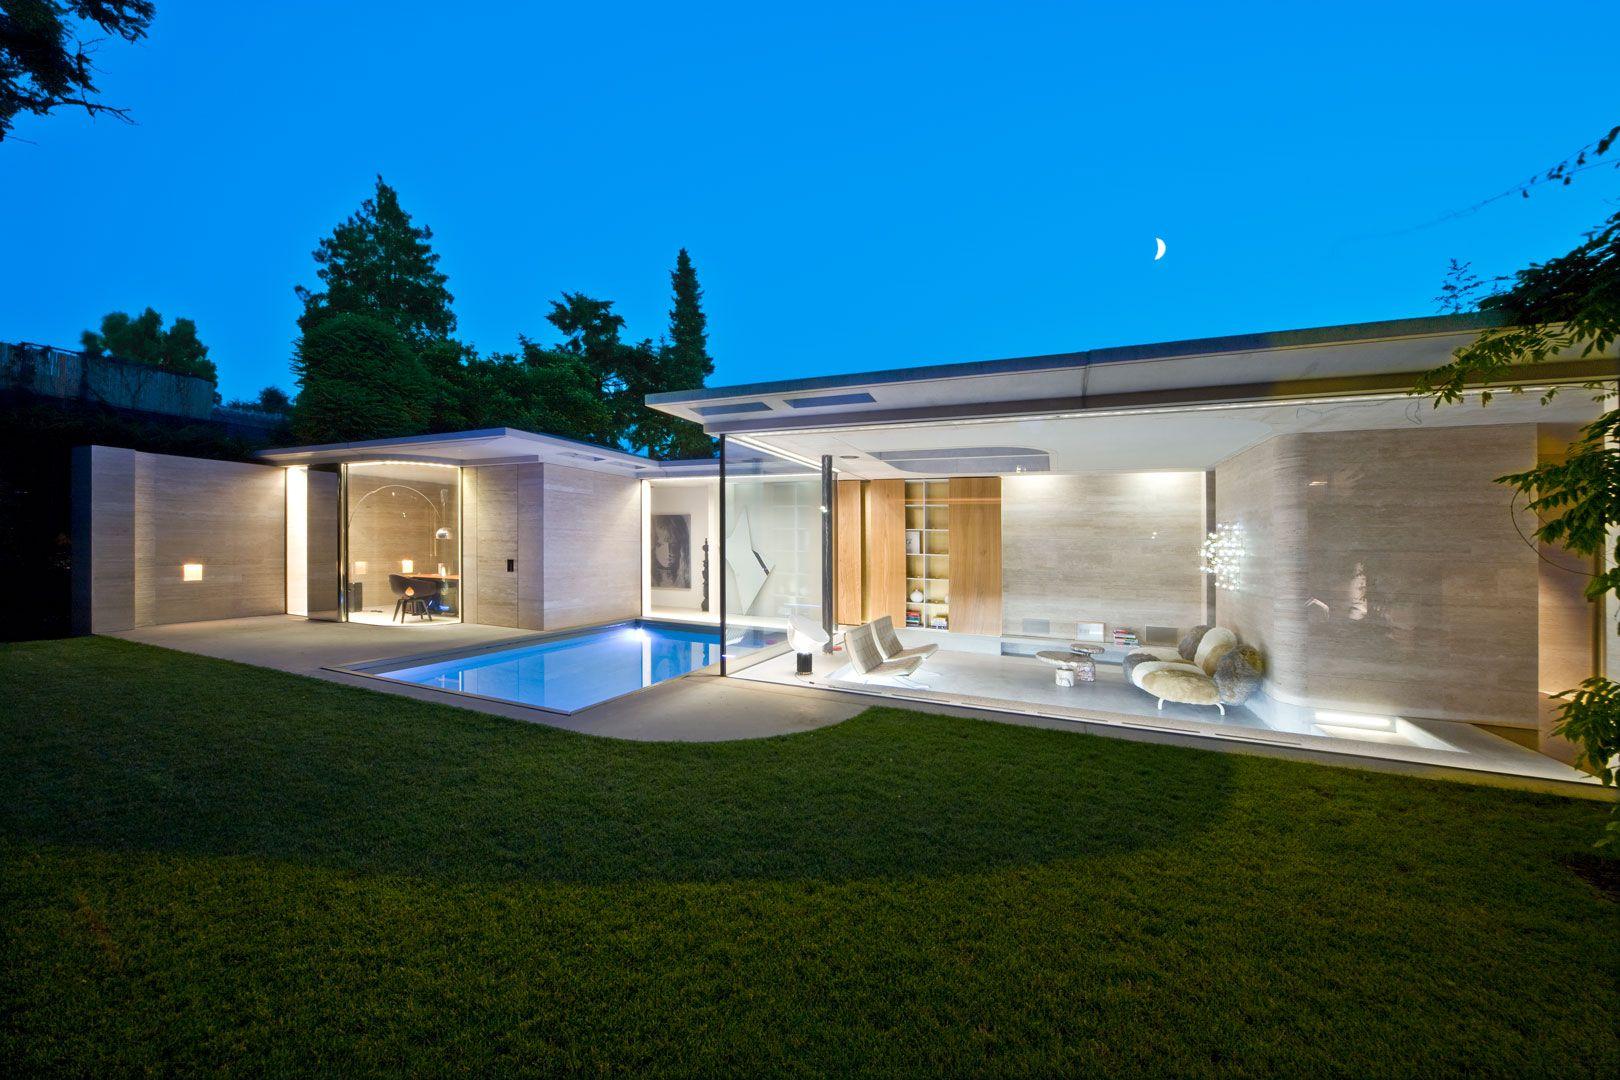 De transparante toevoeging aan het huis is met maximaal glas is een